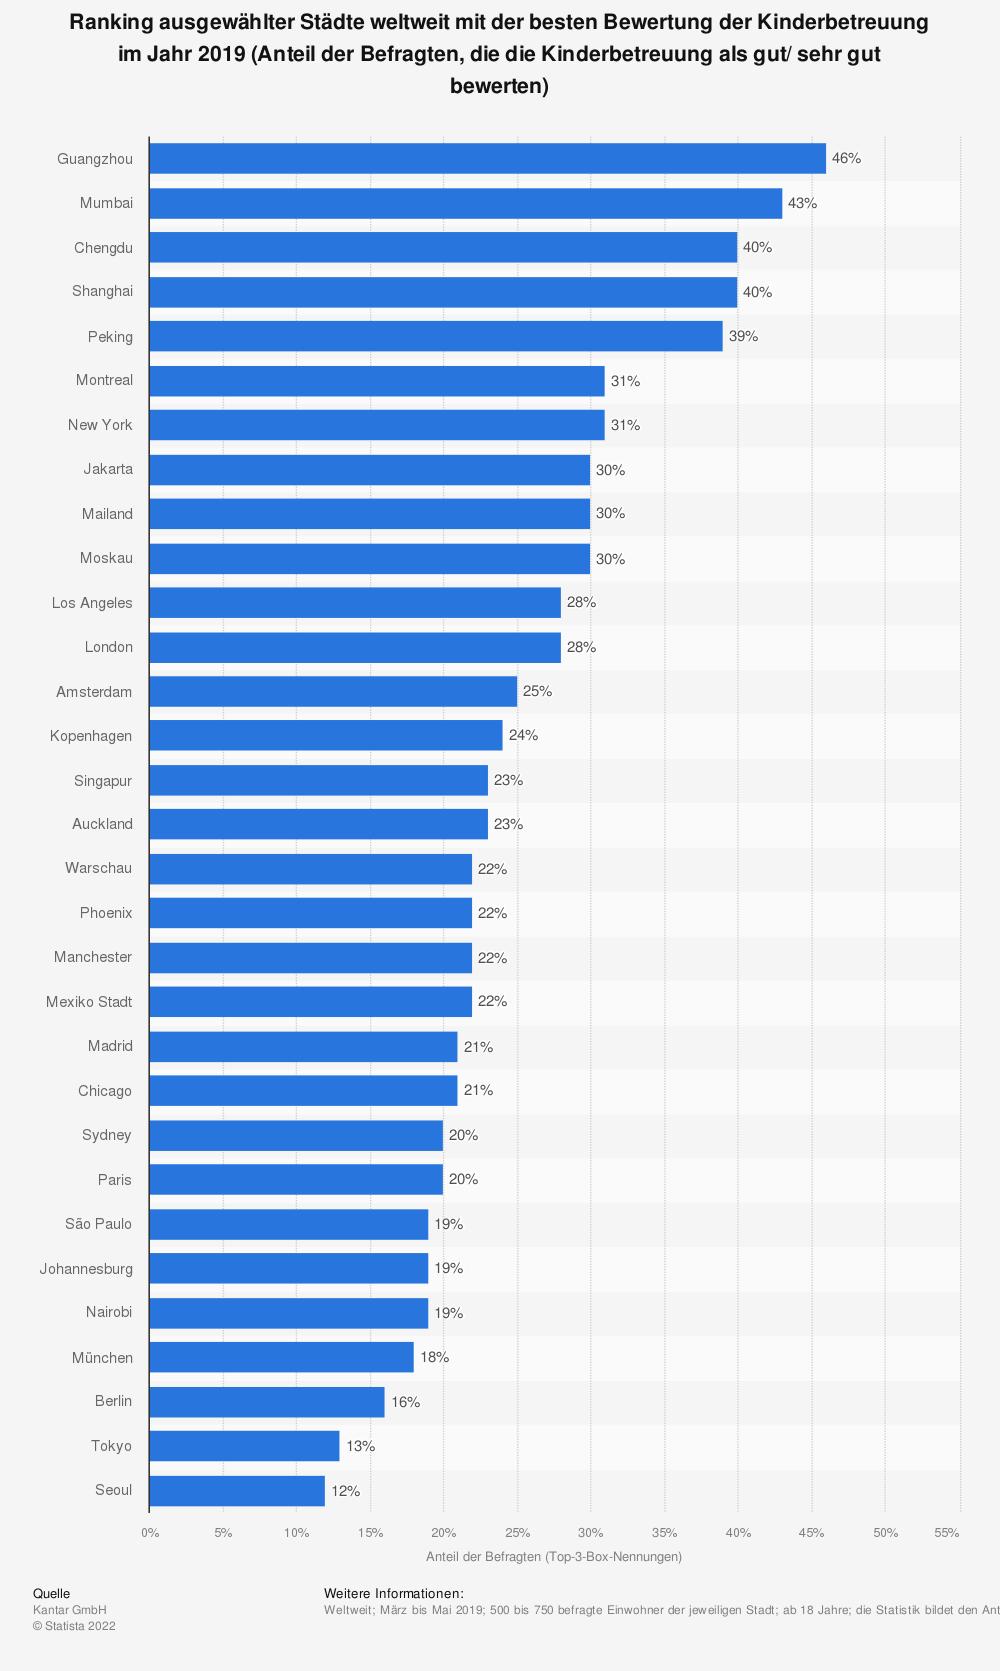 Statistik: Ranking ausgewählter Städte weltweit mit der besten Bewertung der Kinderbetreuung im Jahr 2019 (Anteil der Befragten, die die Kinderbetreuung als gut/ sehr gut bewerten) | Statista